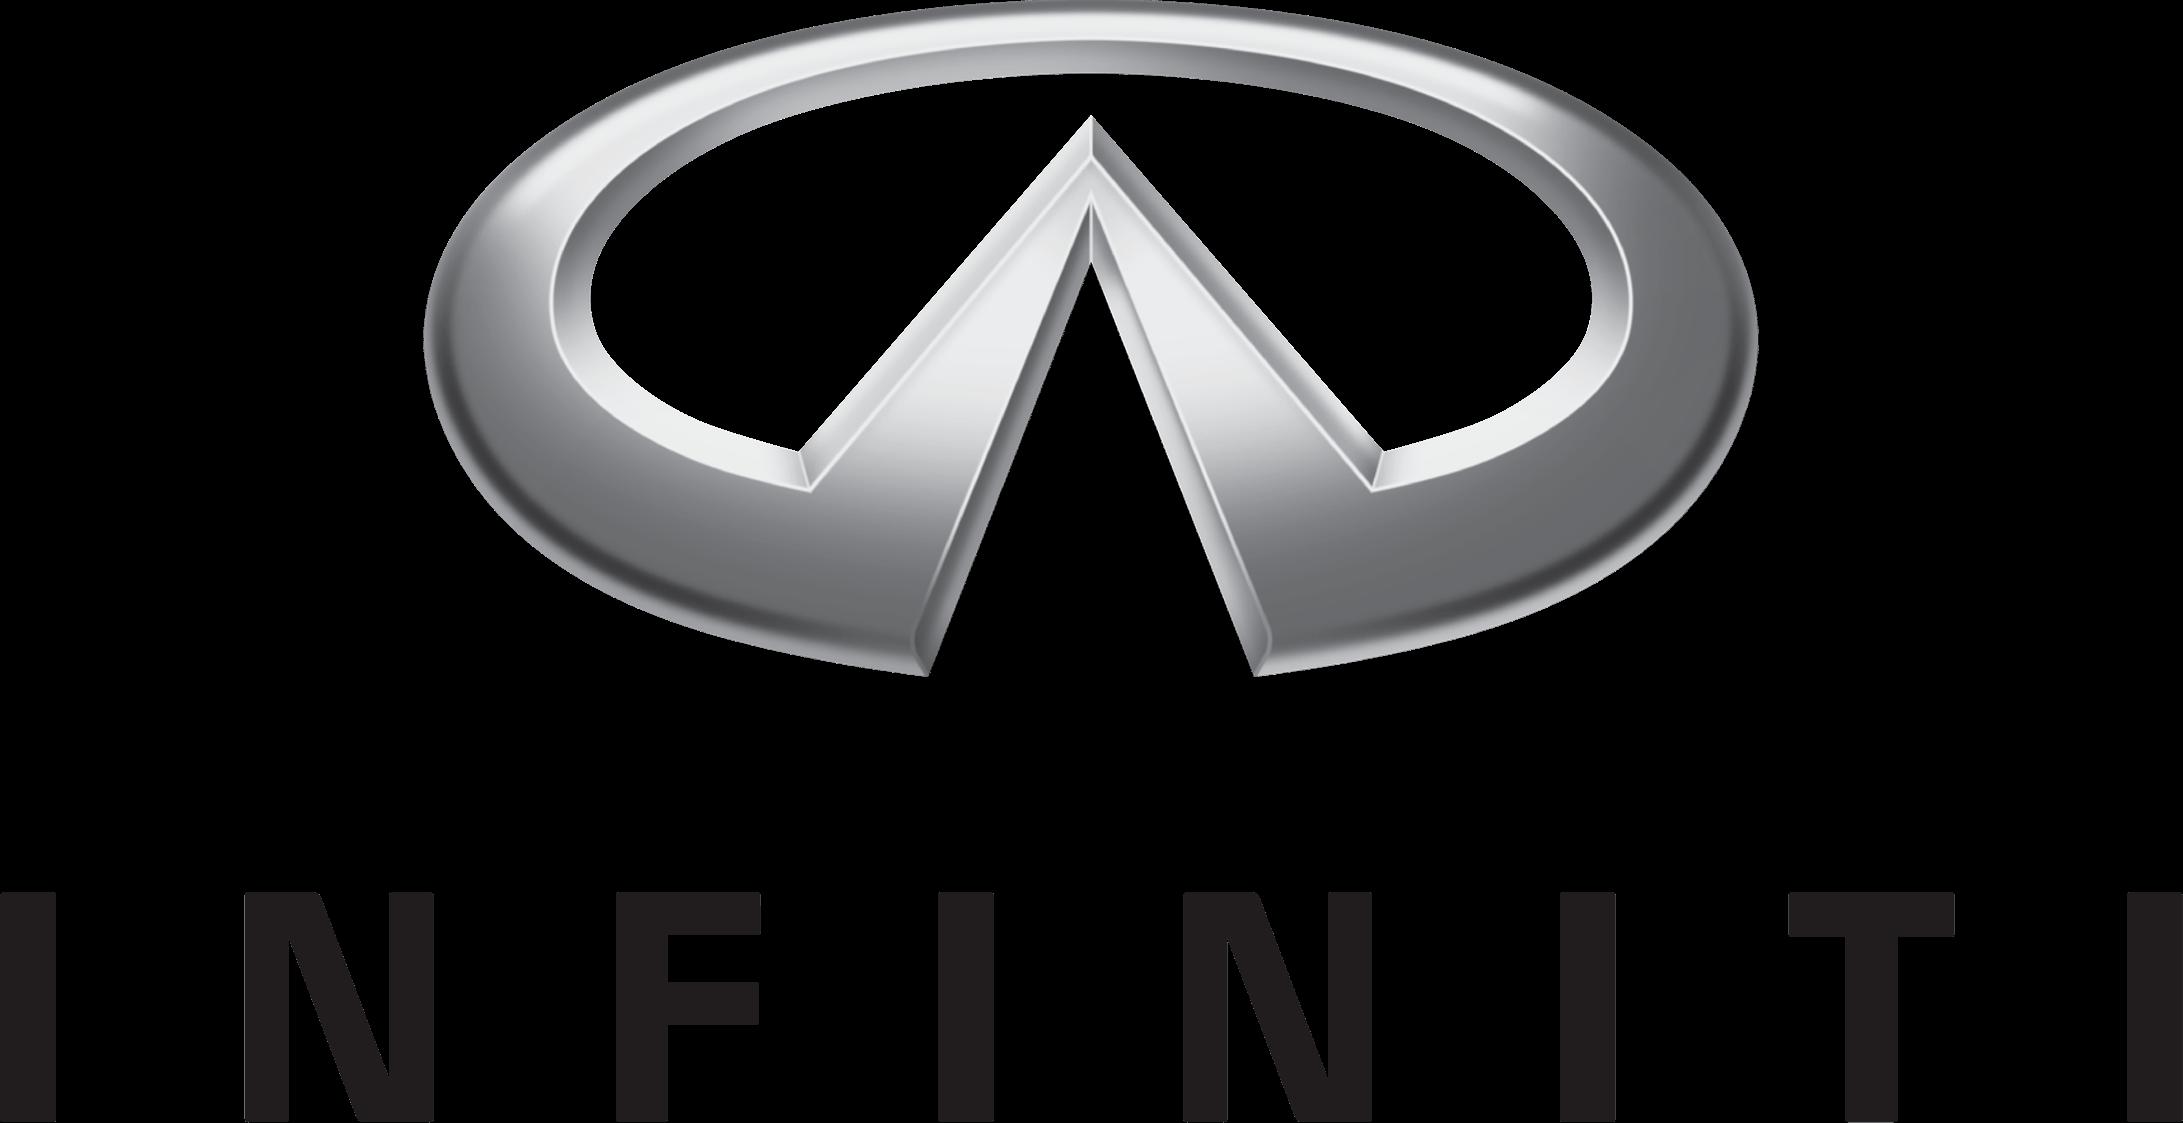 Excalibur Auto Body Works on Infinity